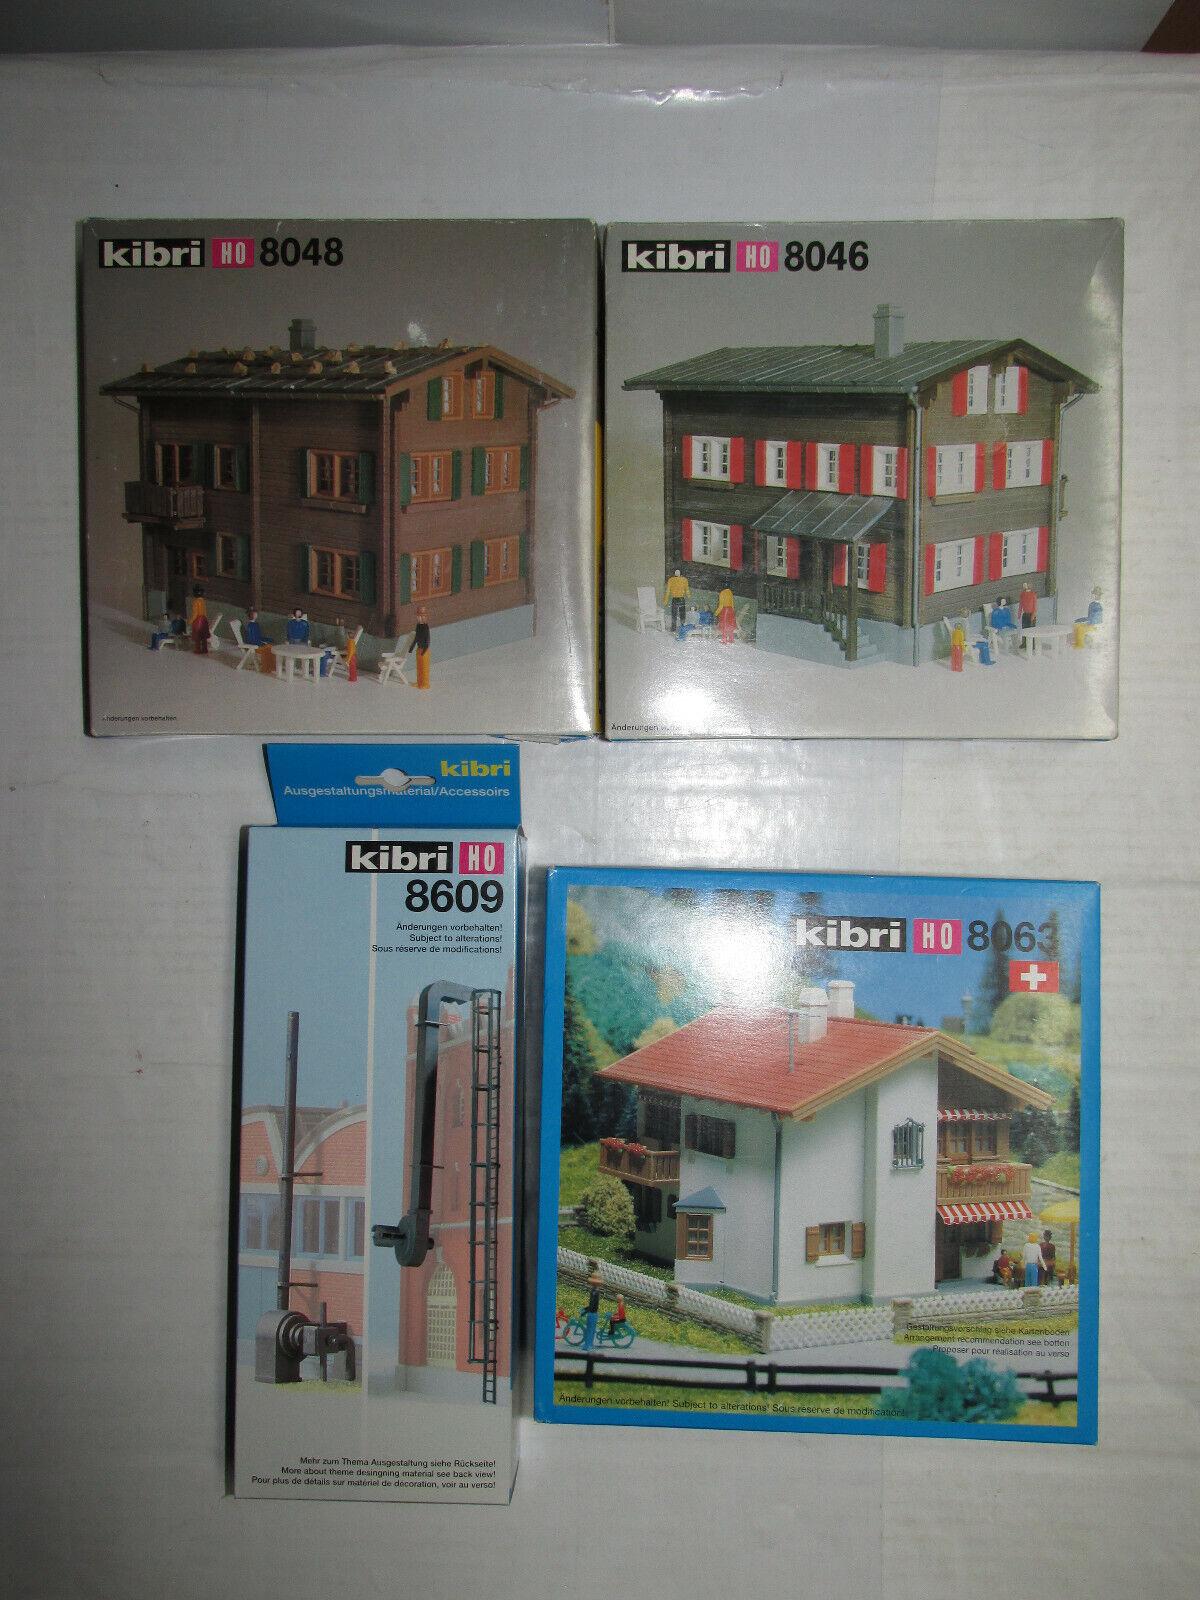 Konvolut 4 Kibri Kits de para Casas de Ferrocarril Pista H0 8063 8046 8048 8609